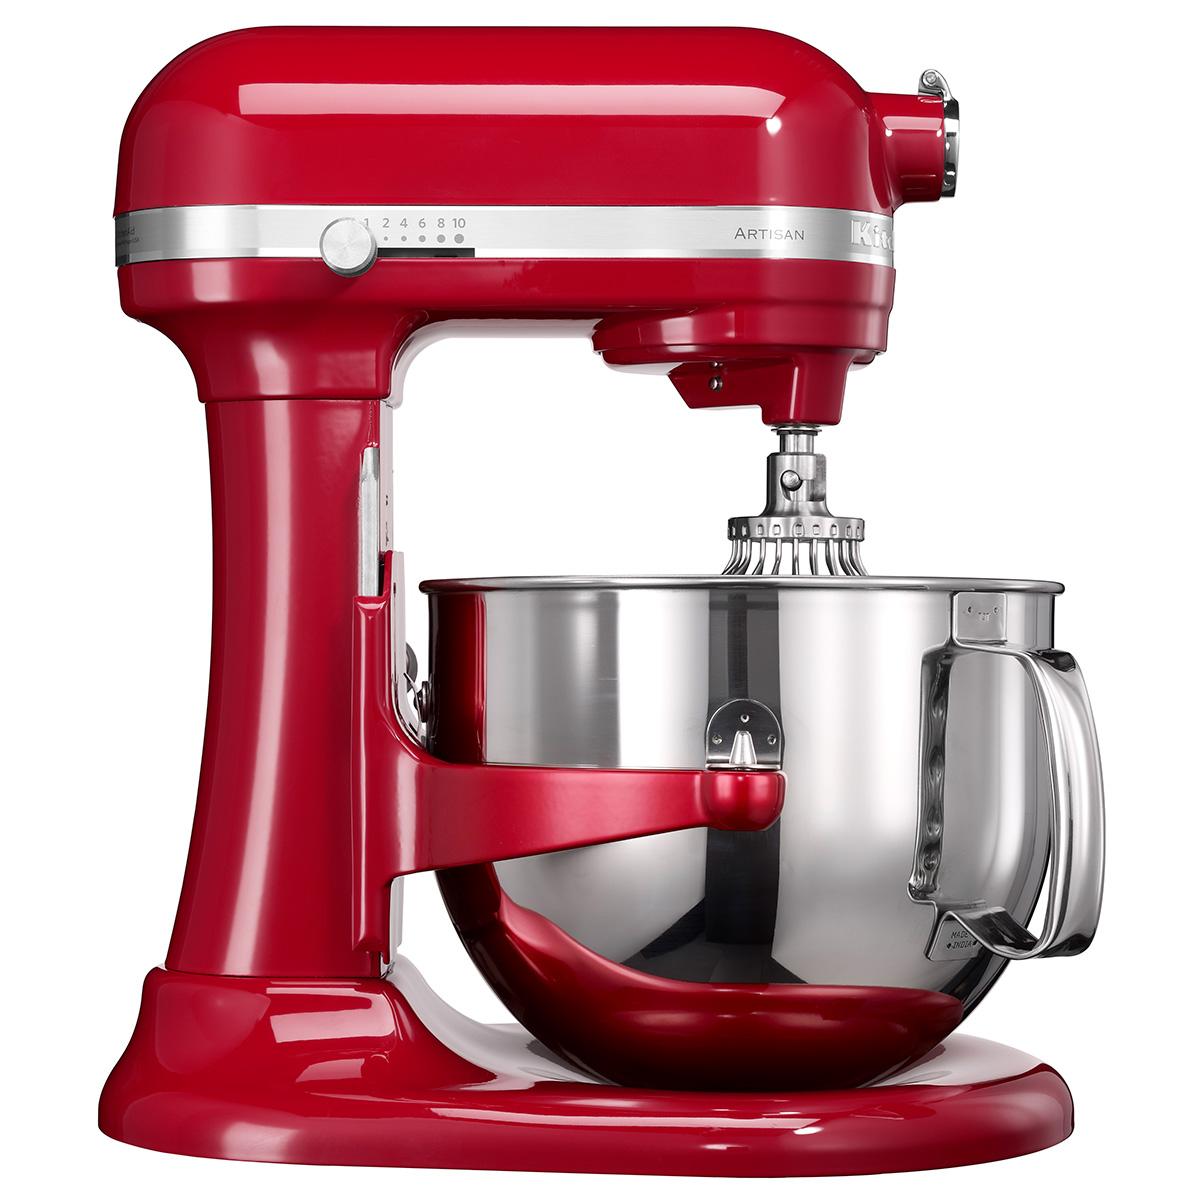 Kitchenaid køkkenmaskine med skålløft - Artisan - Rød